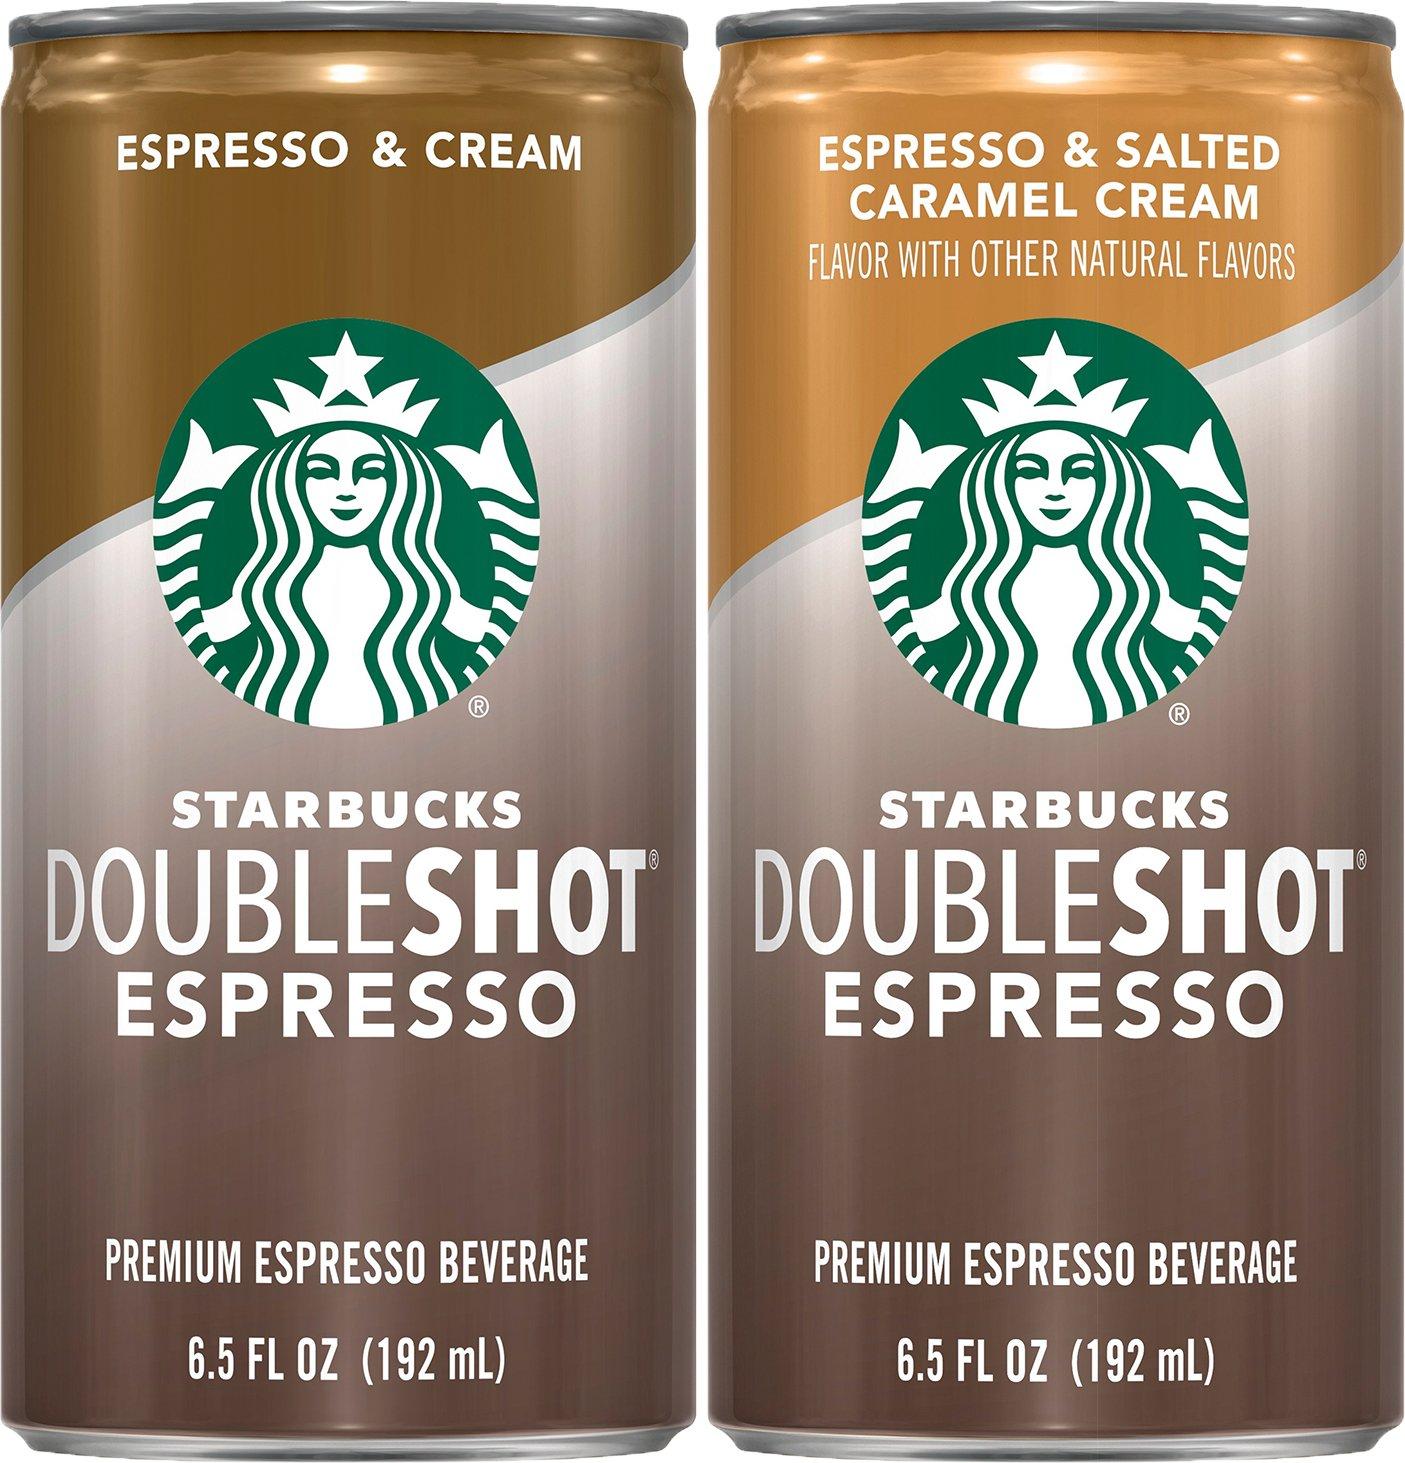 Starbucks, Doubleshot Espresso Beverage, Variety Pack (Espresso & Cream/Espresso/Salted Caramel Cream), 6.5 fl oz. cans (12 Pack) by Starbucks